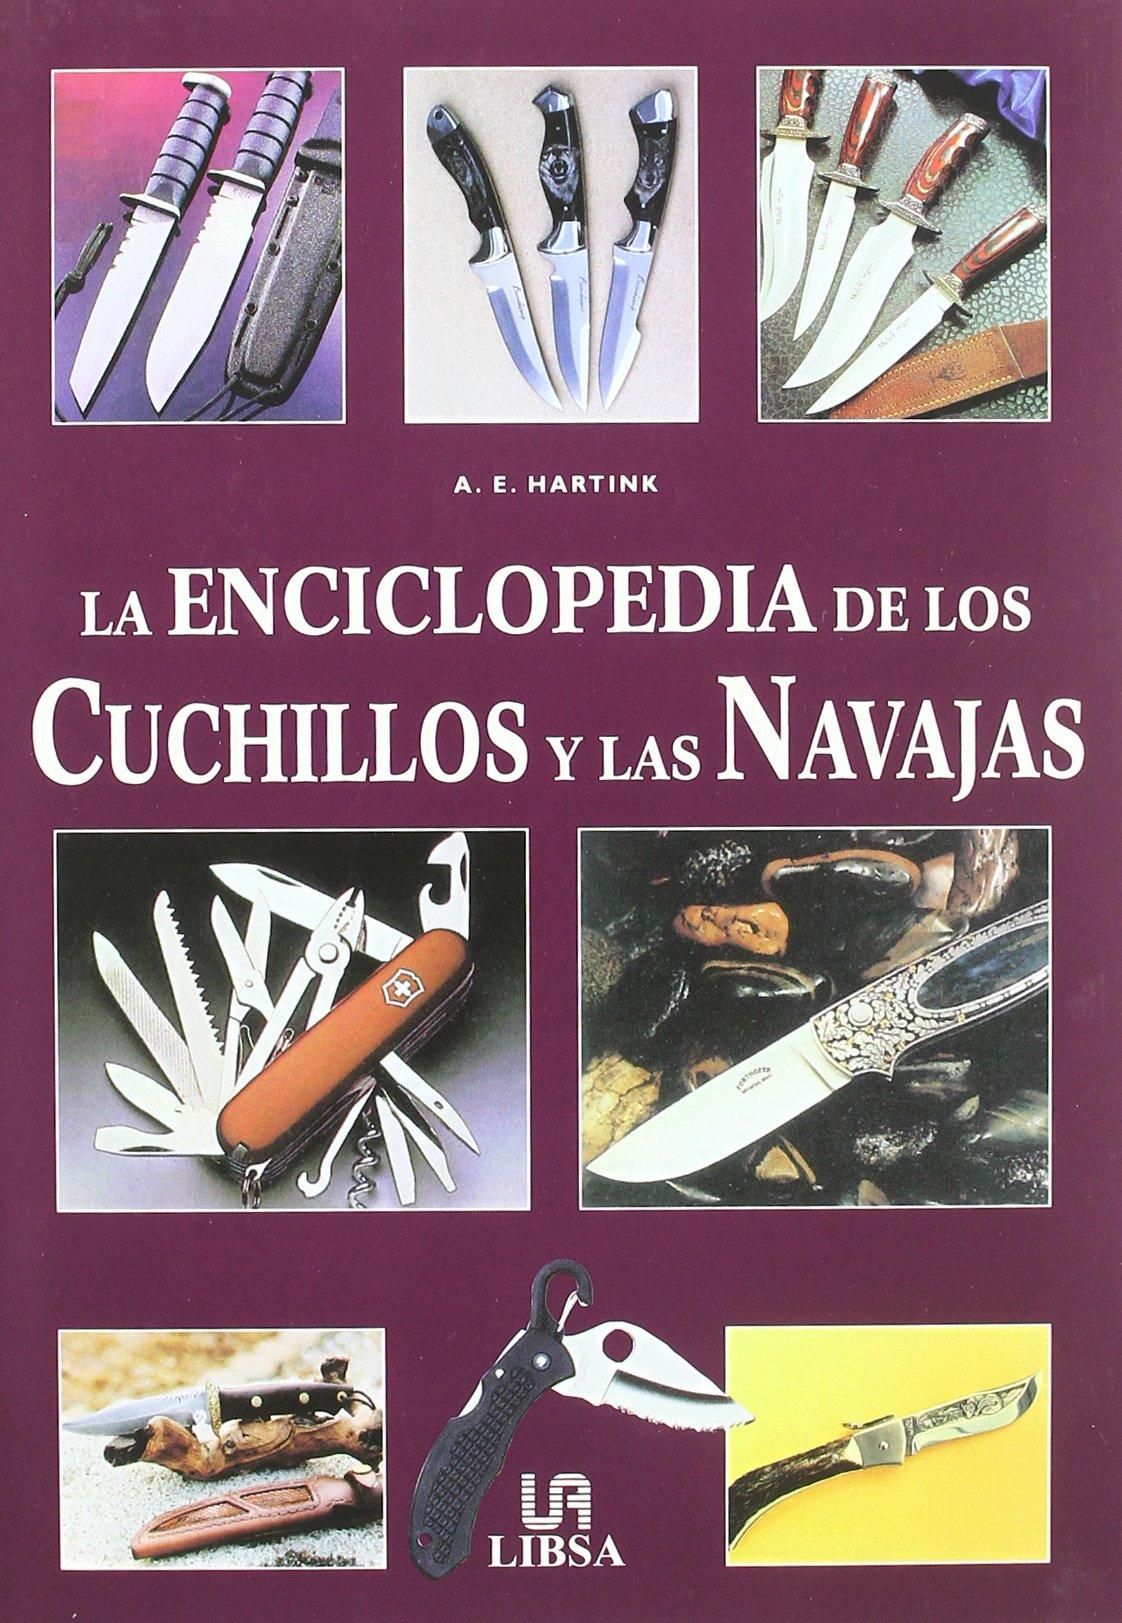 La Enciclopedia de los Cuchillos y las Navajas Pequeñas ...